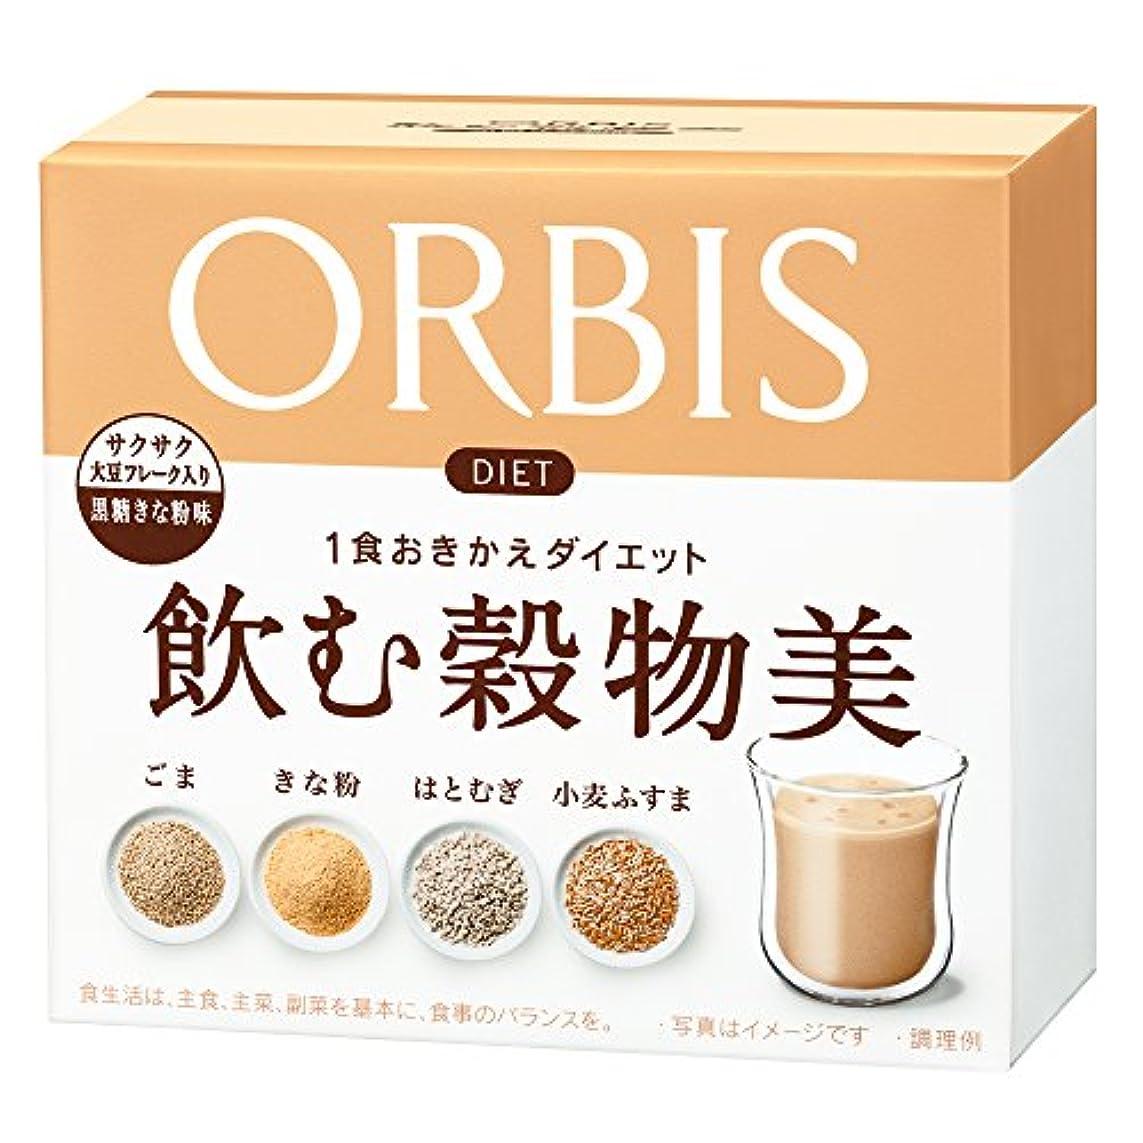 操作可能偶然塗抹オルビス(ORBIS) 飲む穀物美 黒糖きなこ味 7日分(25g×7袋) ◎雑穀ダイエットシェイク◎ 1食分約189kcal